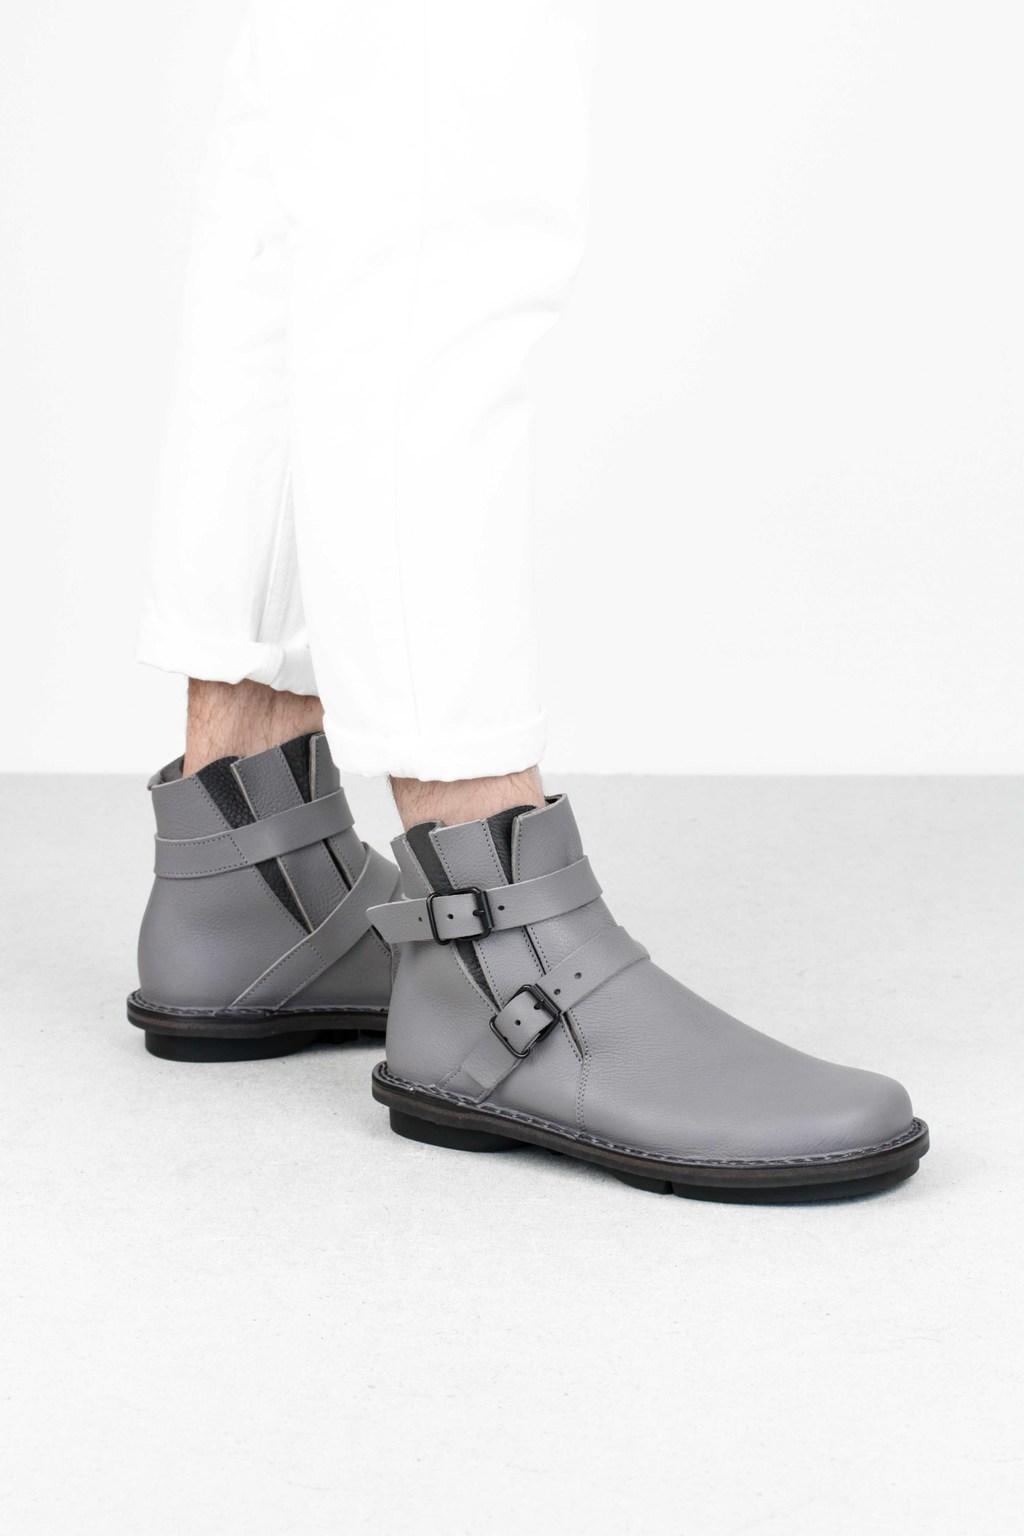 Prevent m Trippen Schuhe außergewöhnliches Design und